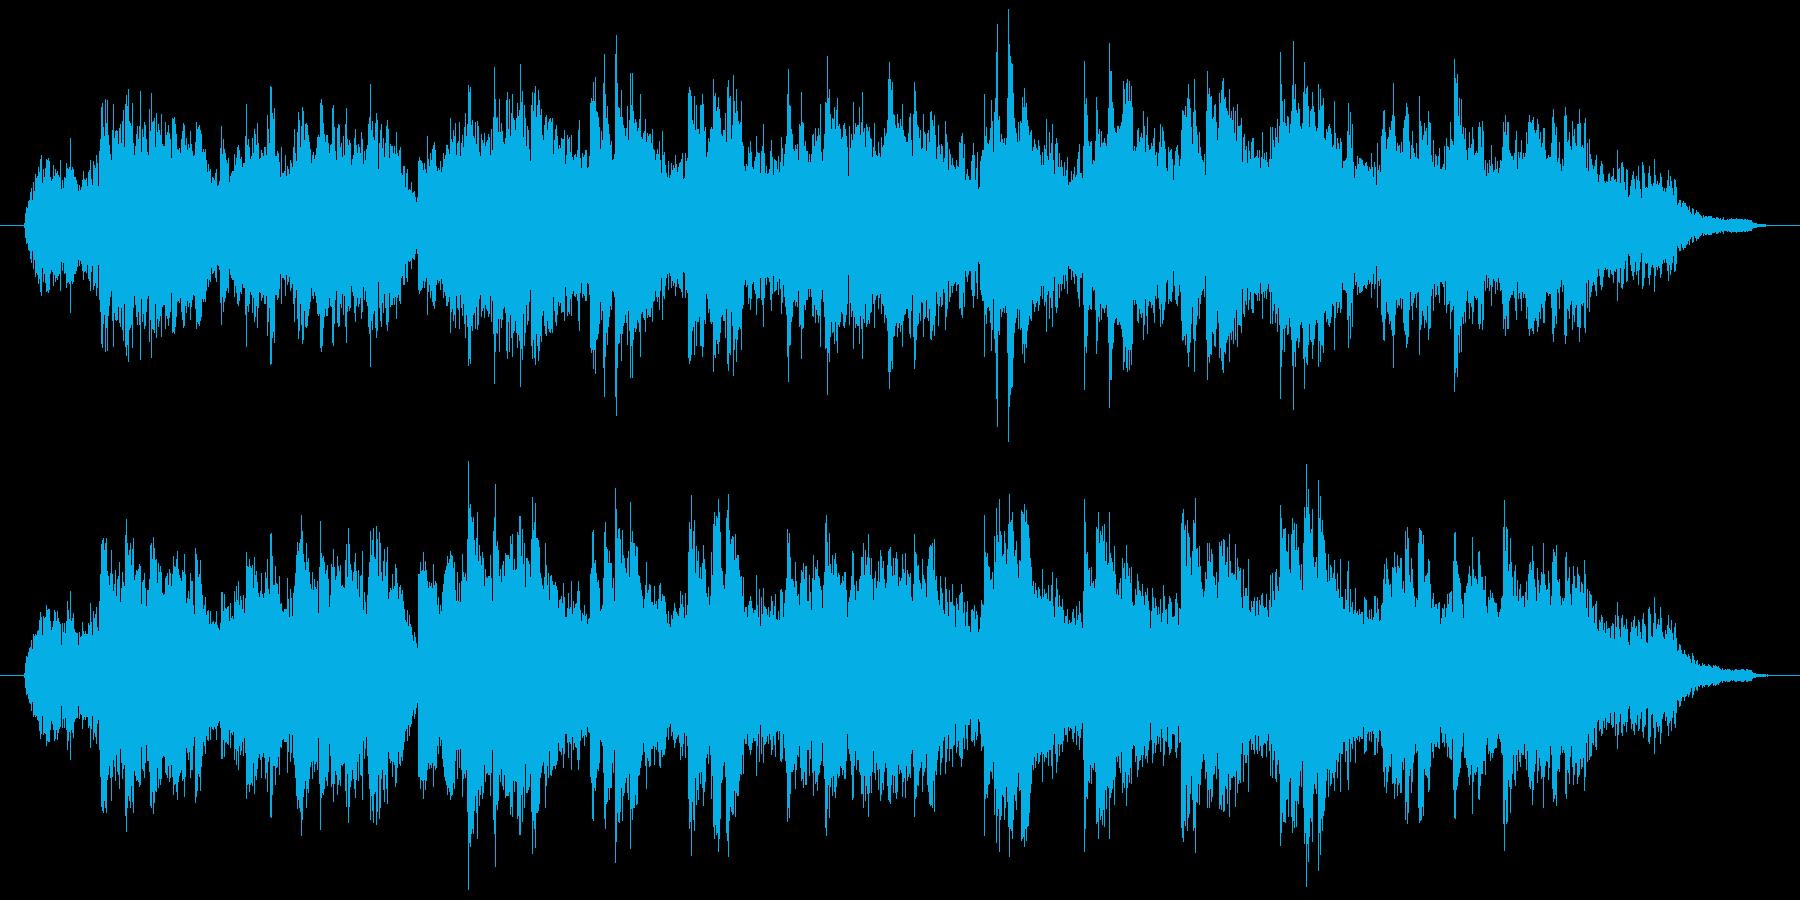 暖かいストリングスとピアノのBGMの再生済みの波形